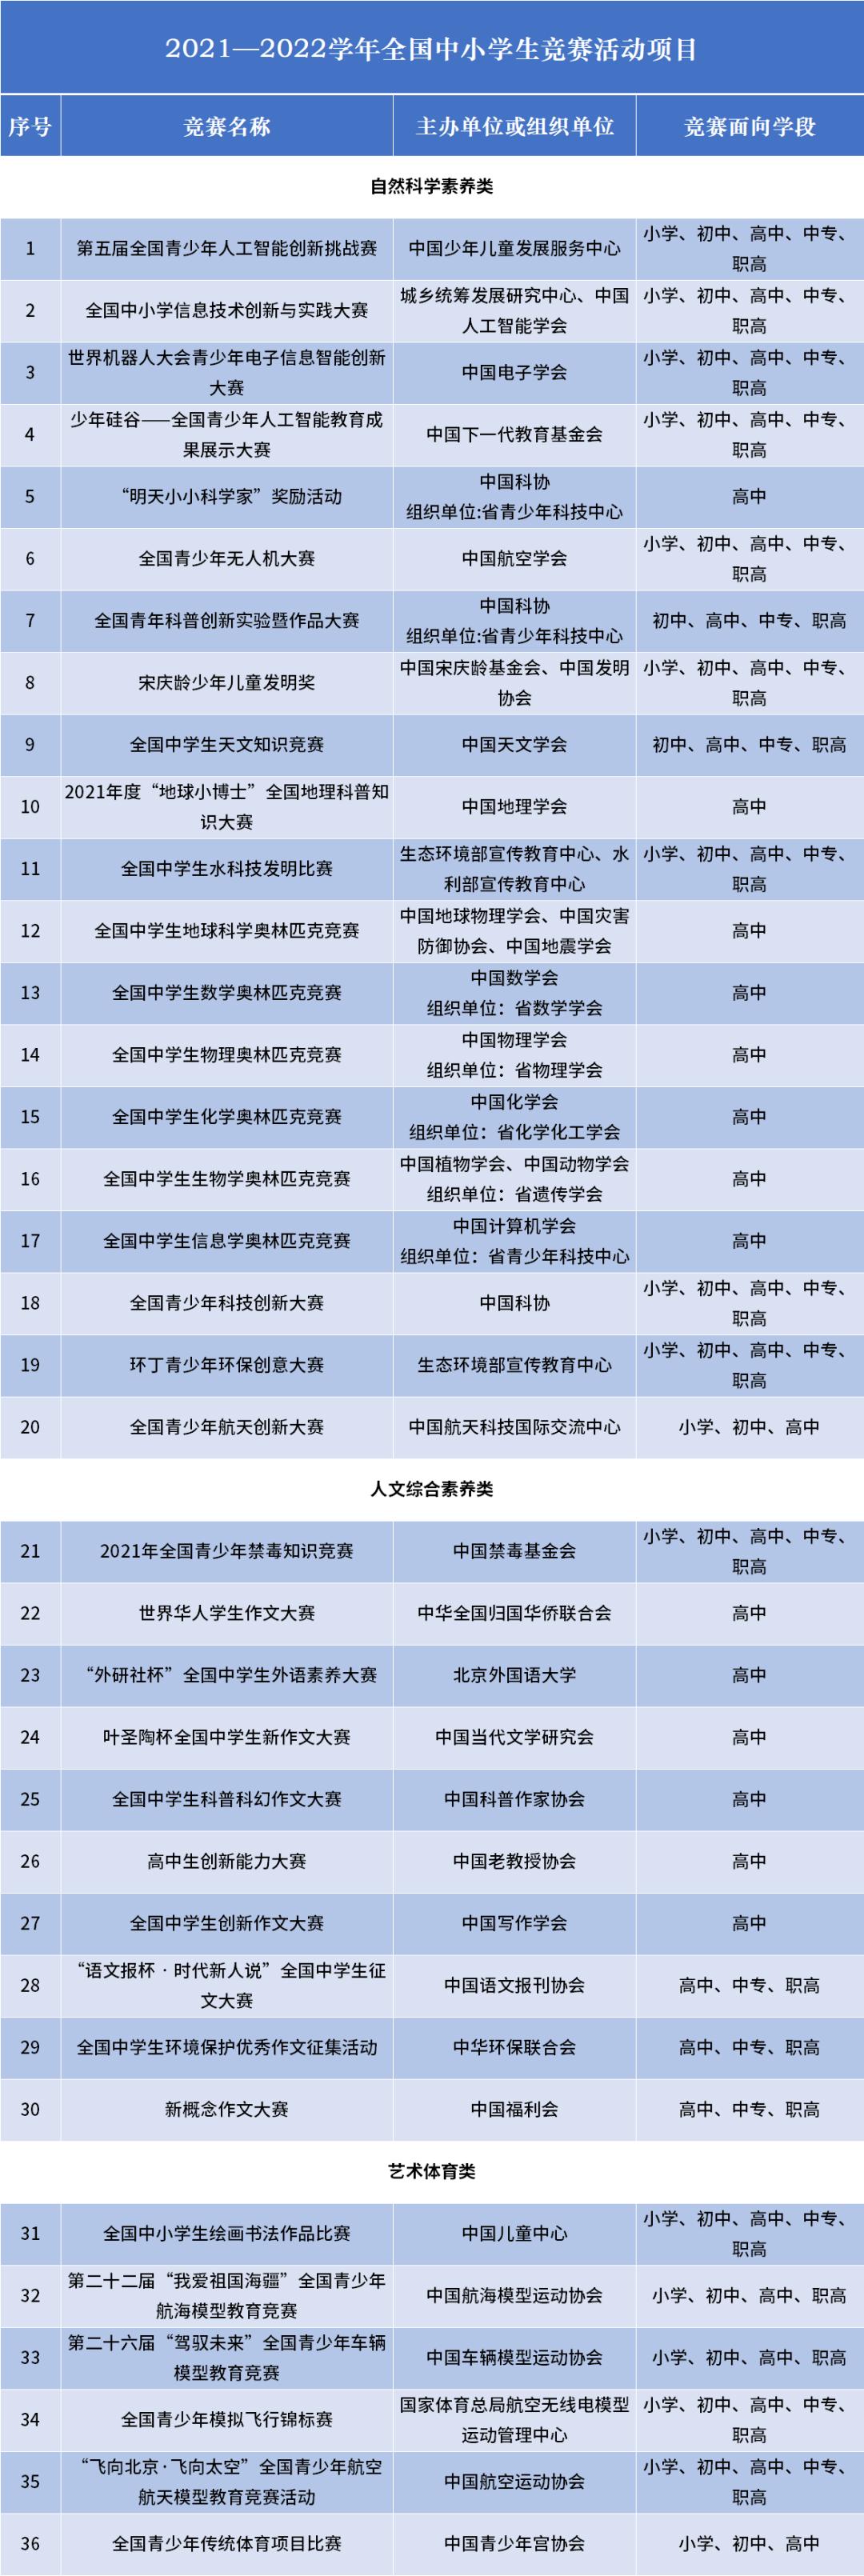 江蘇省教育廳最新公布!